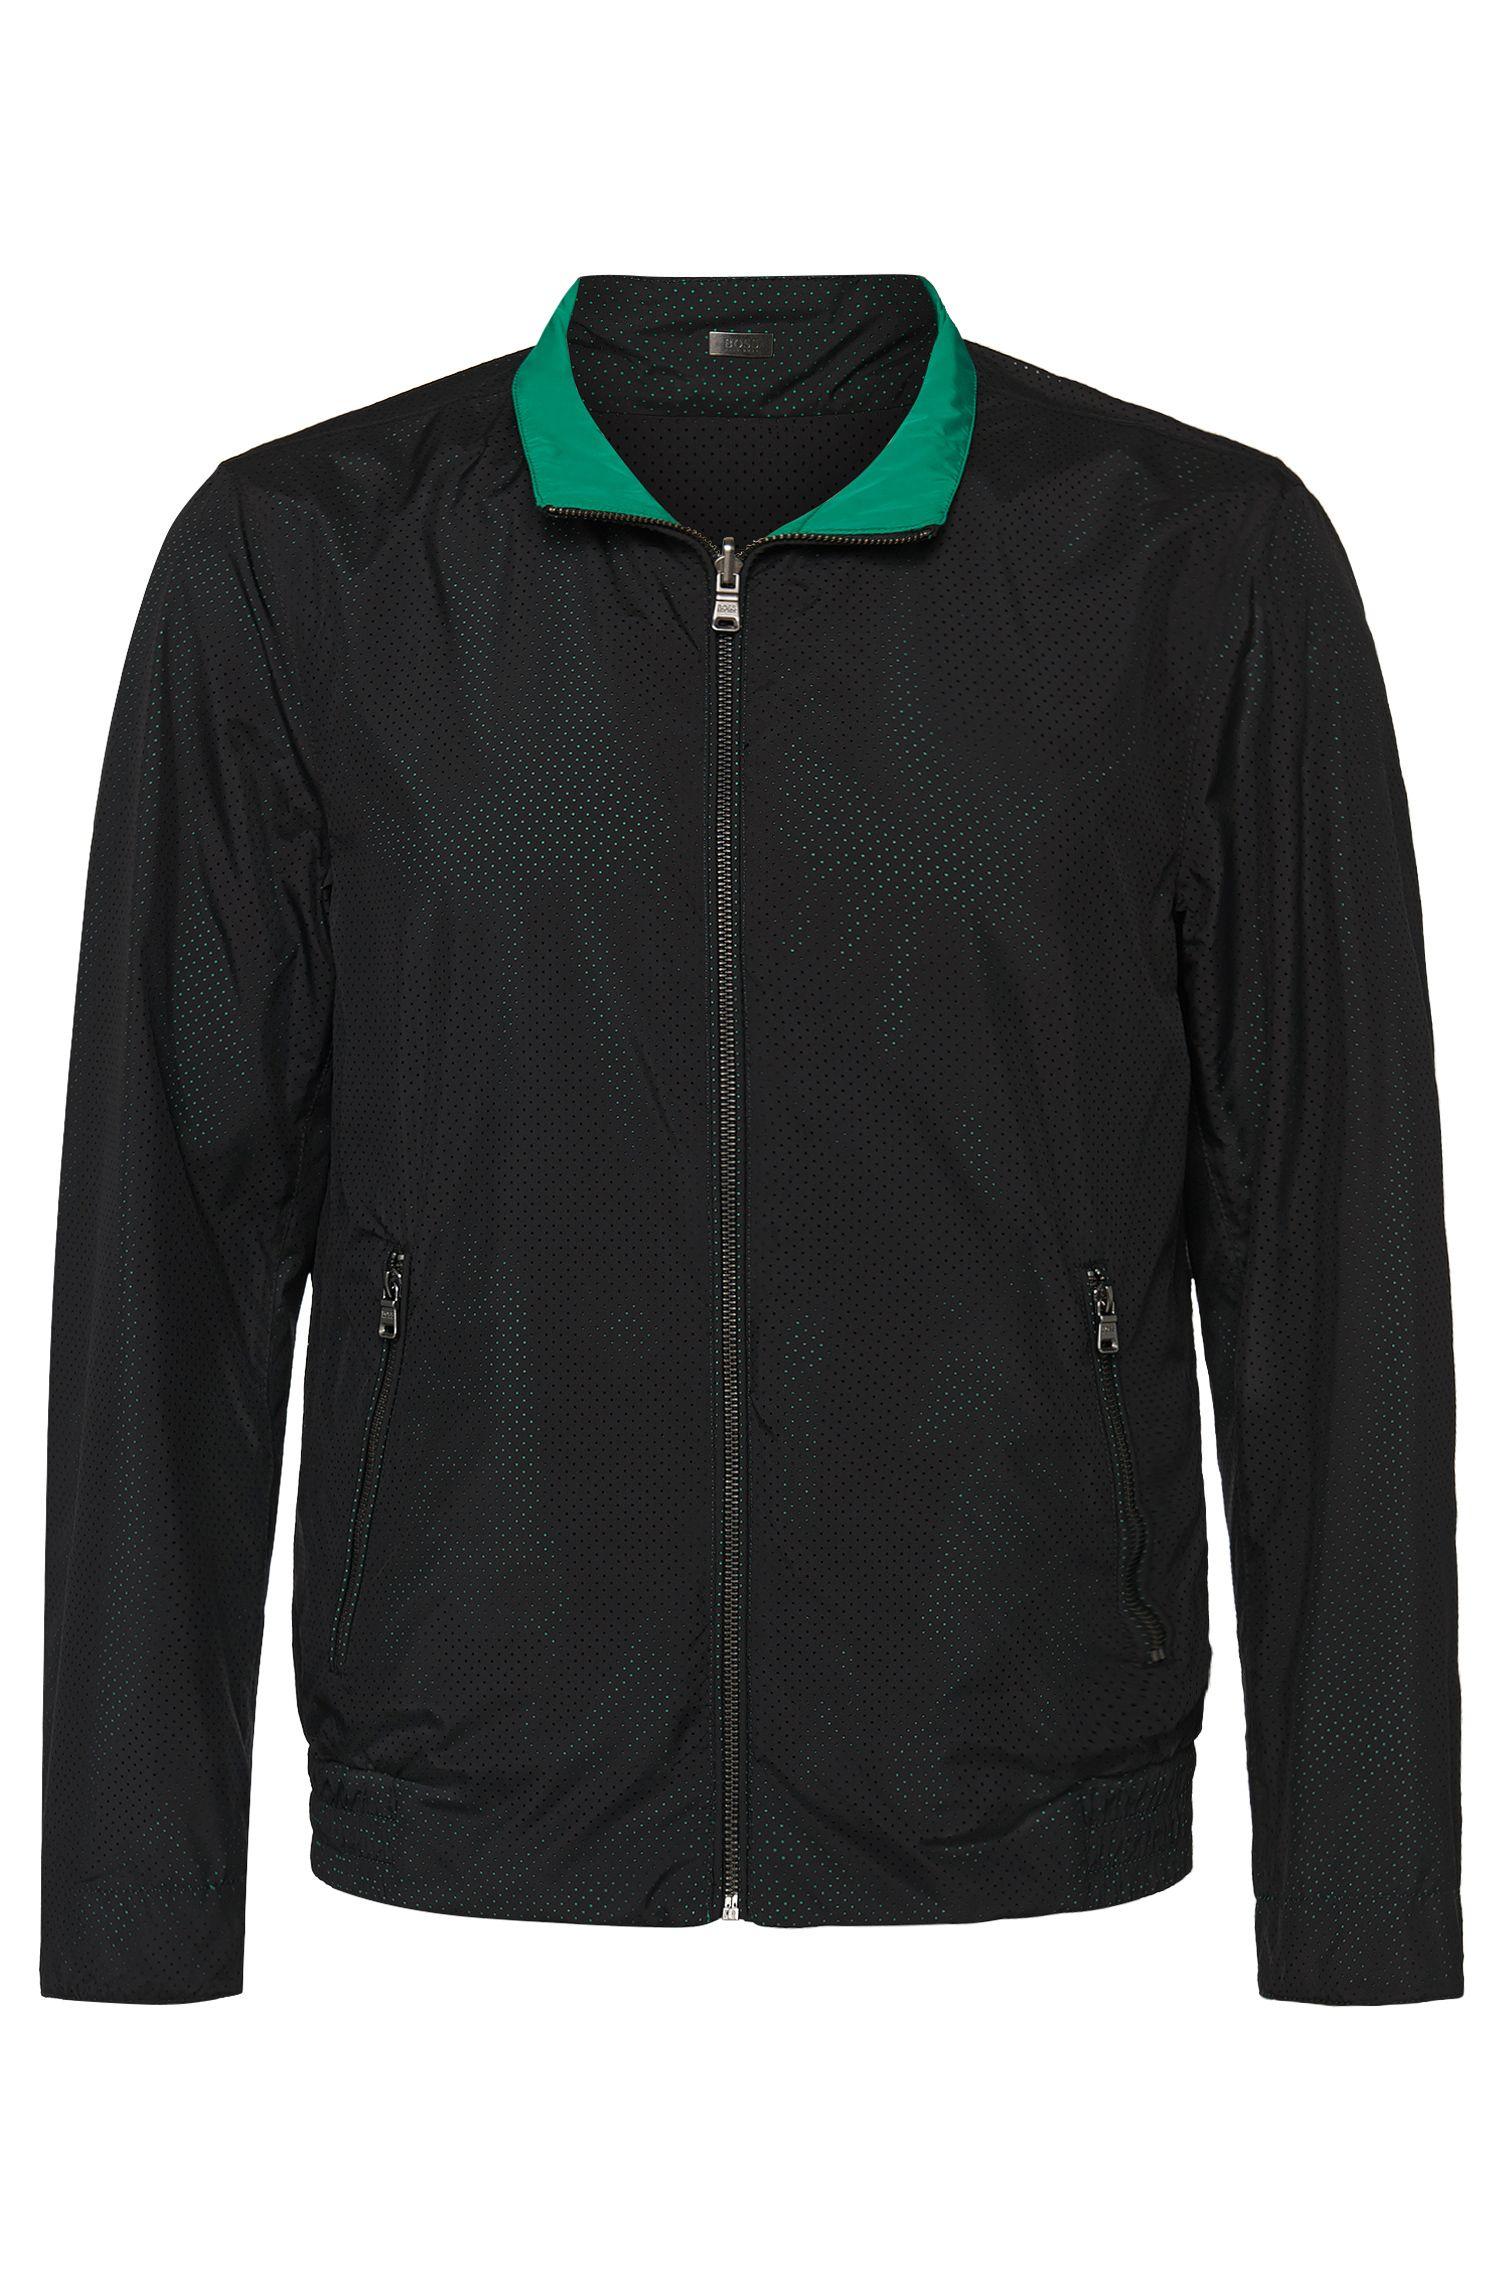 'Ciran' | Reversible Solid, Mesh Jacket